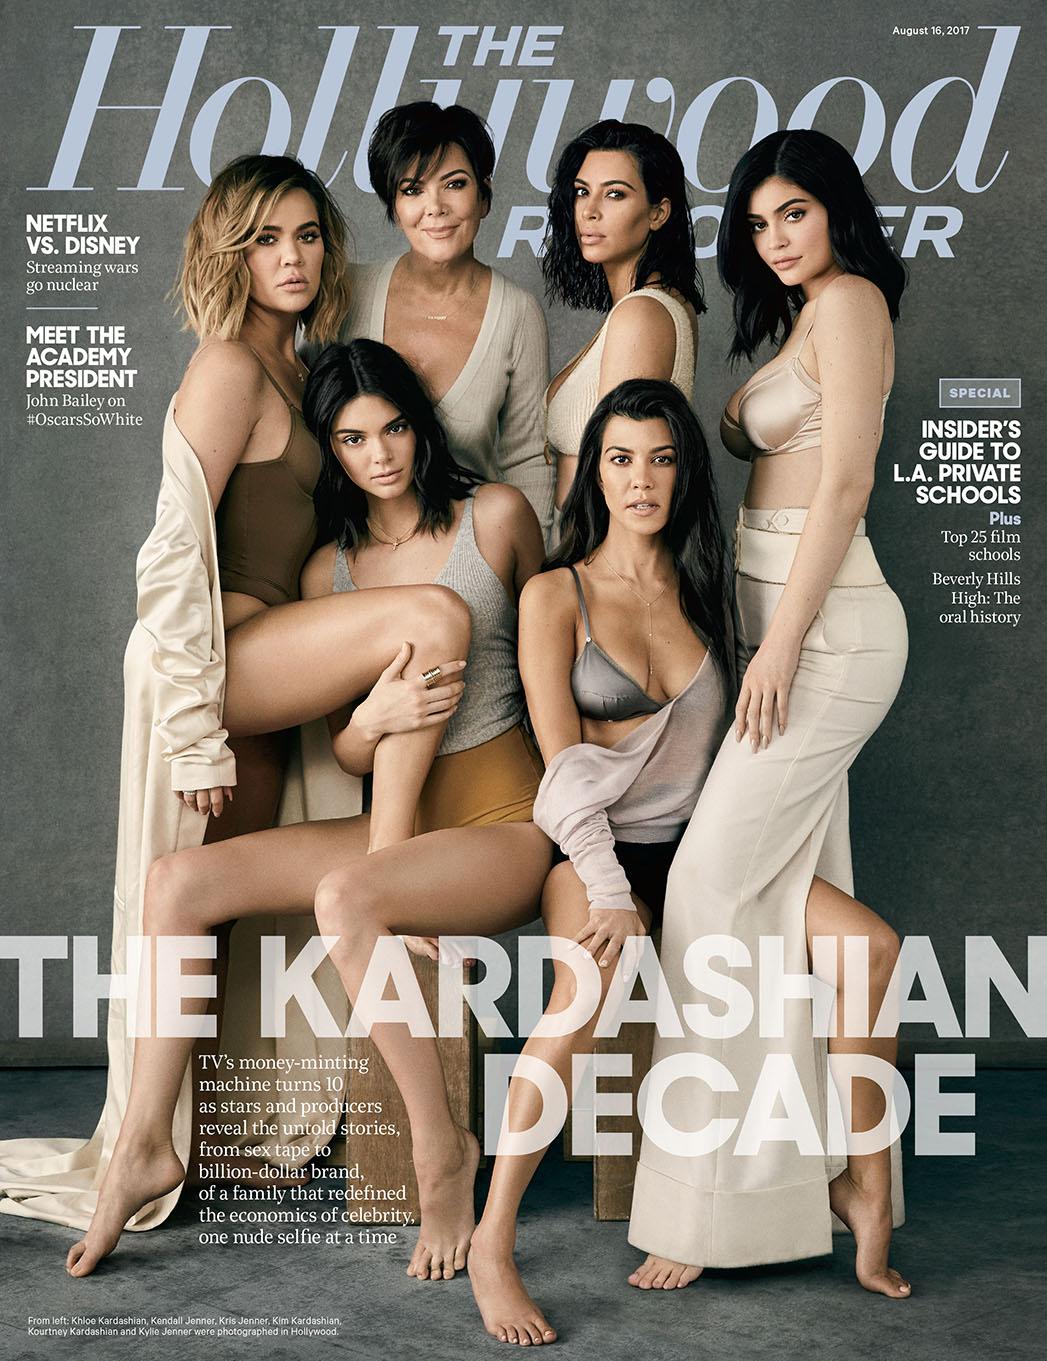 Se cumple una década de las Kardashian: Recordamos como empezó todo